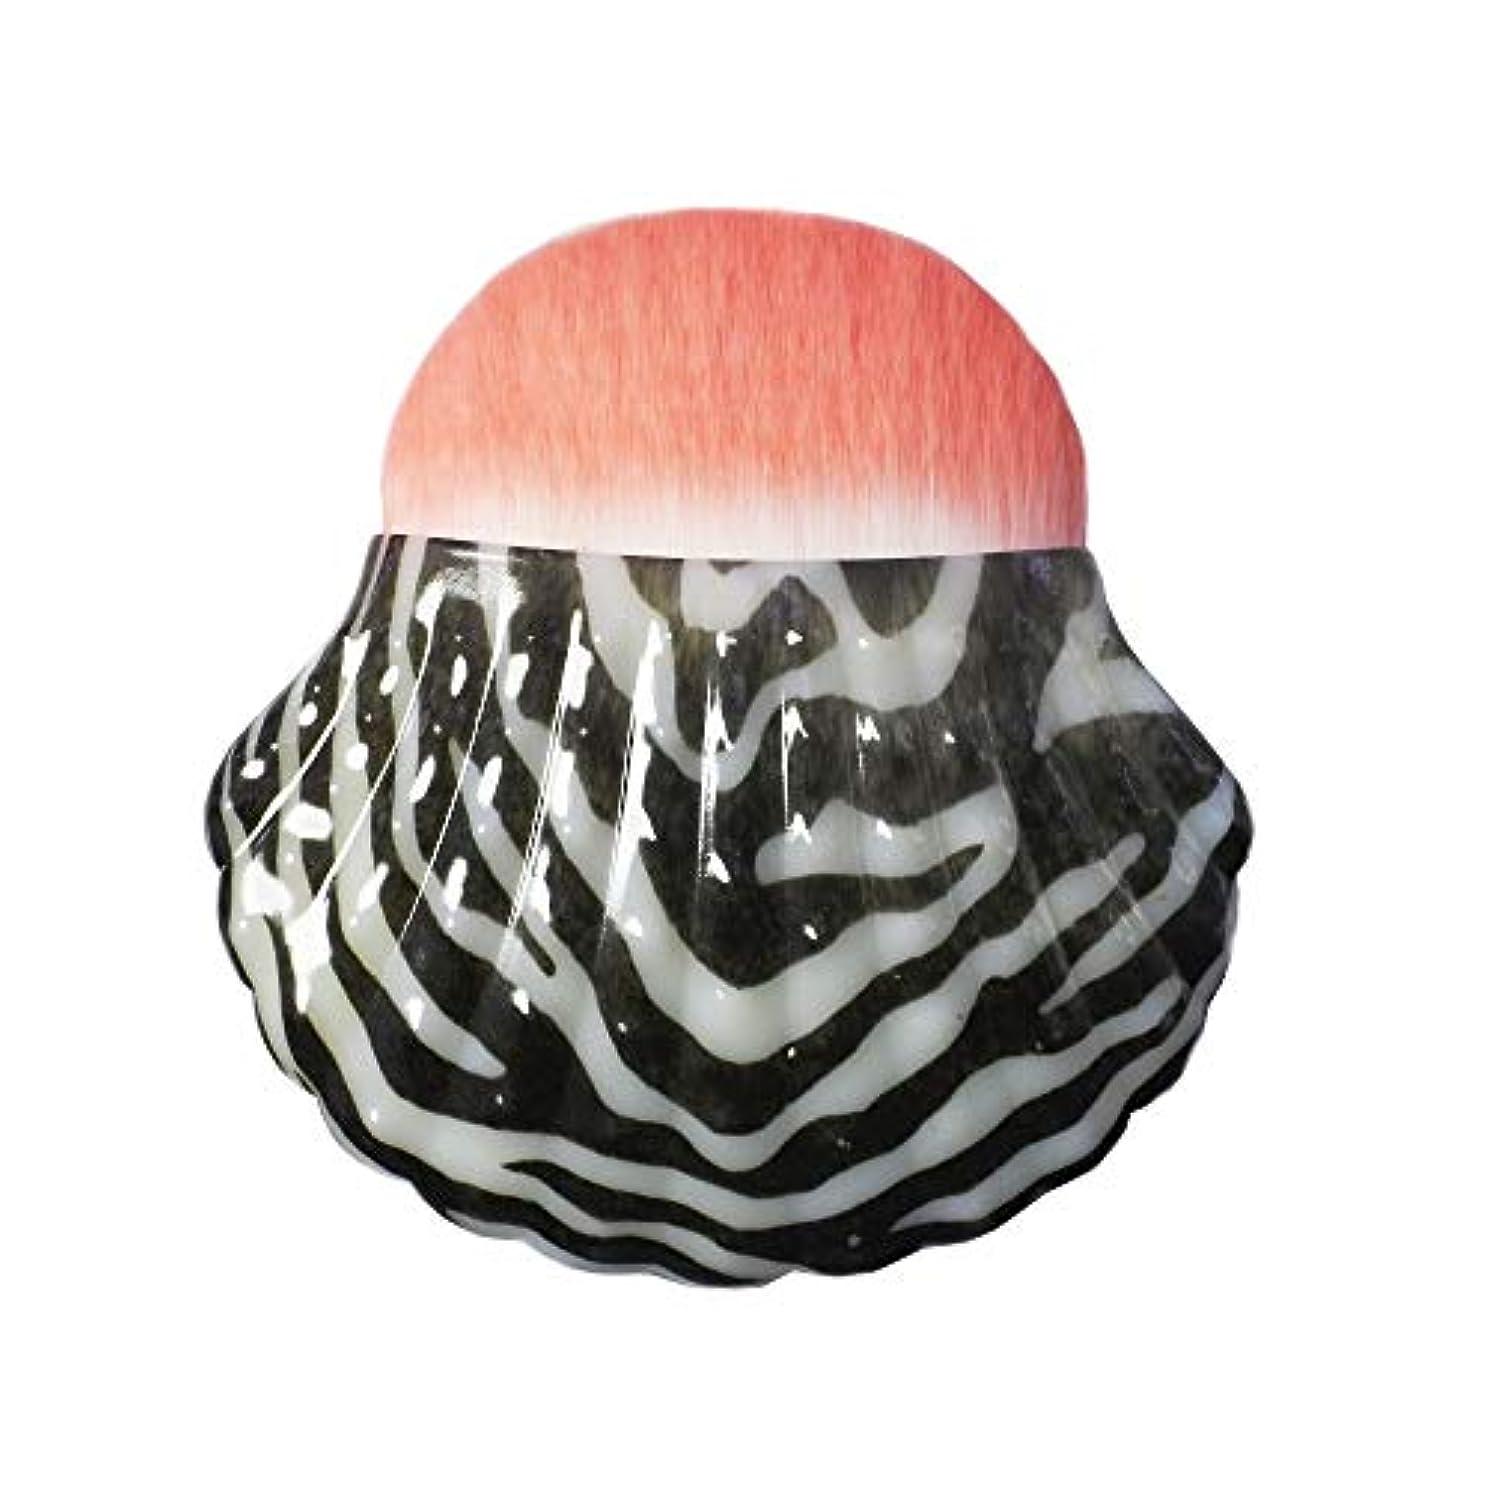 廃止前売自転車Makeup brushes 黒と白のパターン、個々のシェルタイプブラッシュブラシ美容メイクブラシツールポータブル多機能メイクブラシ suits (Color : Leopard)